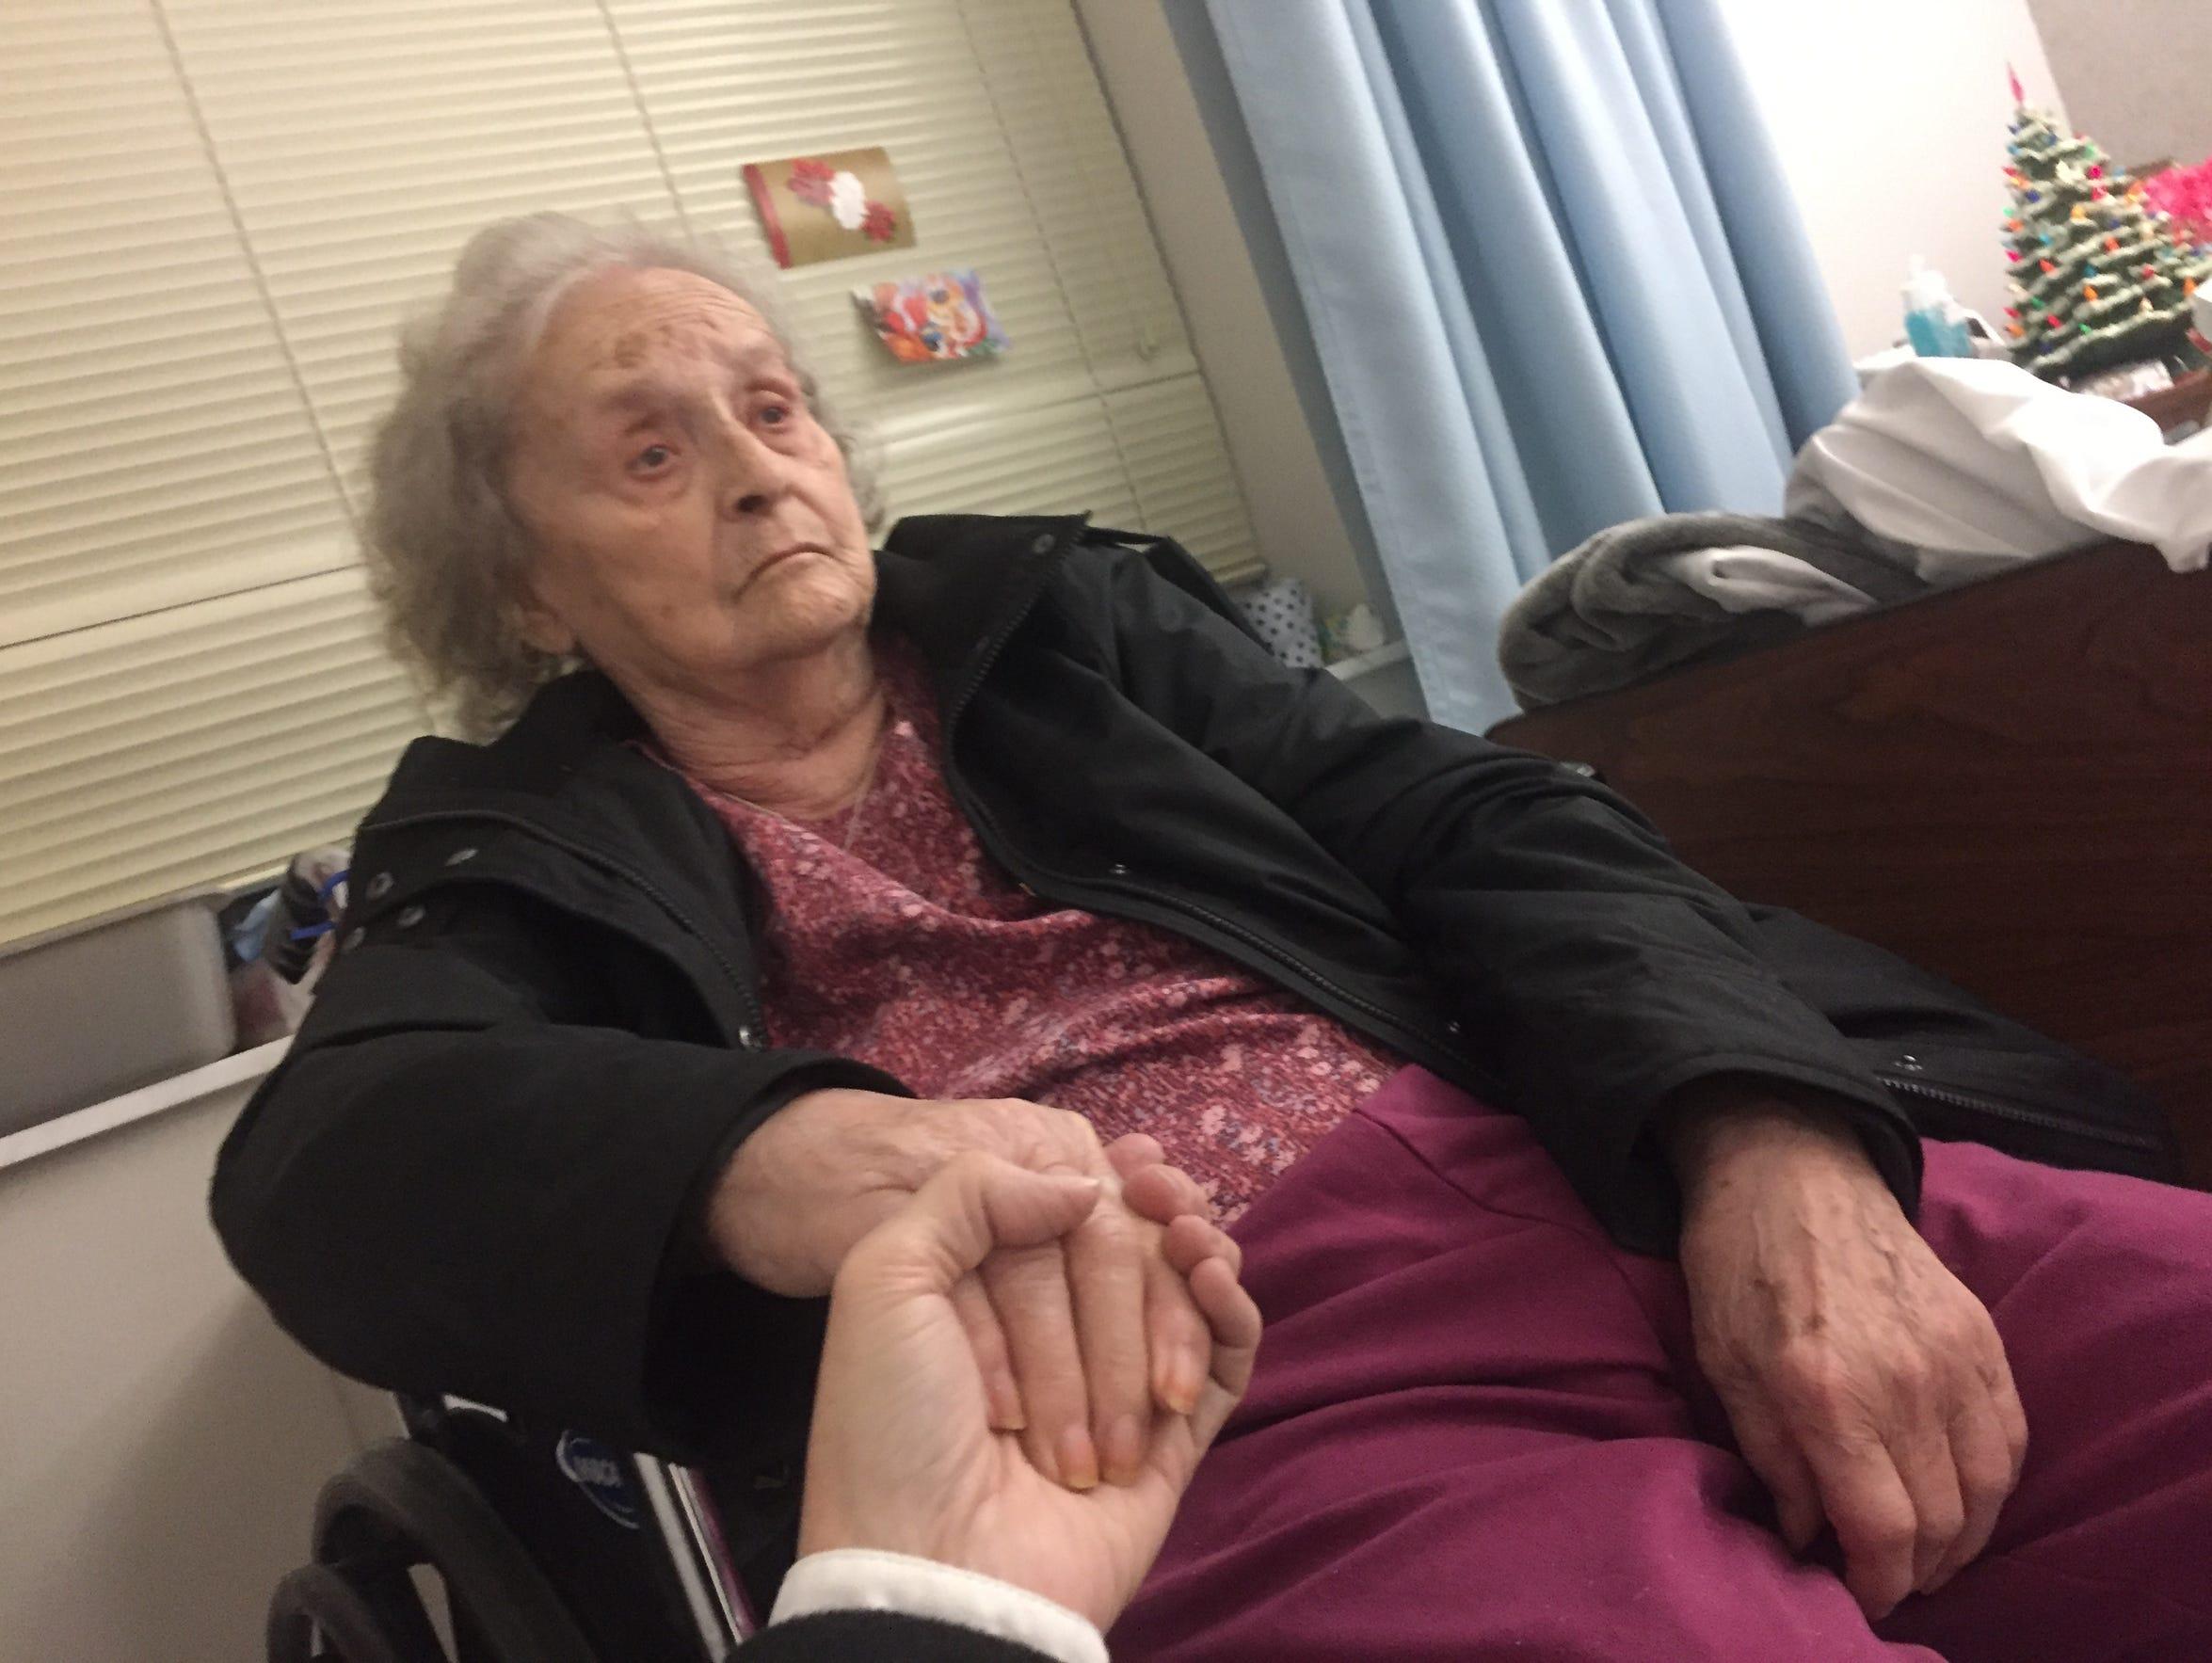 Dementia patient Helen Harney stares straight ahead